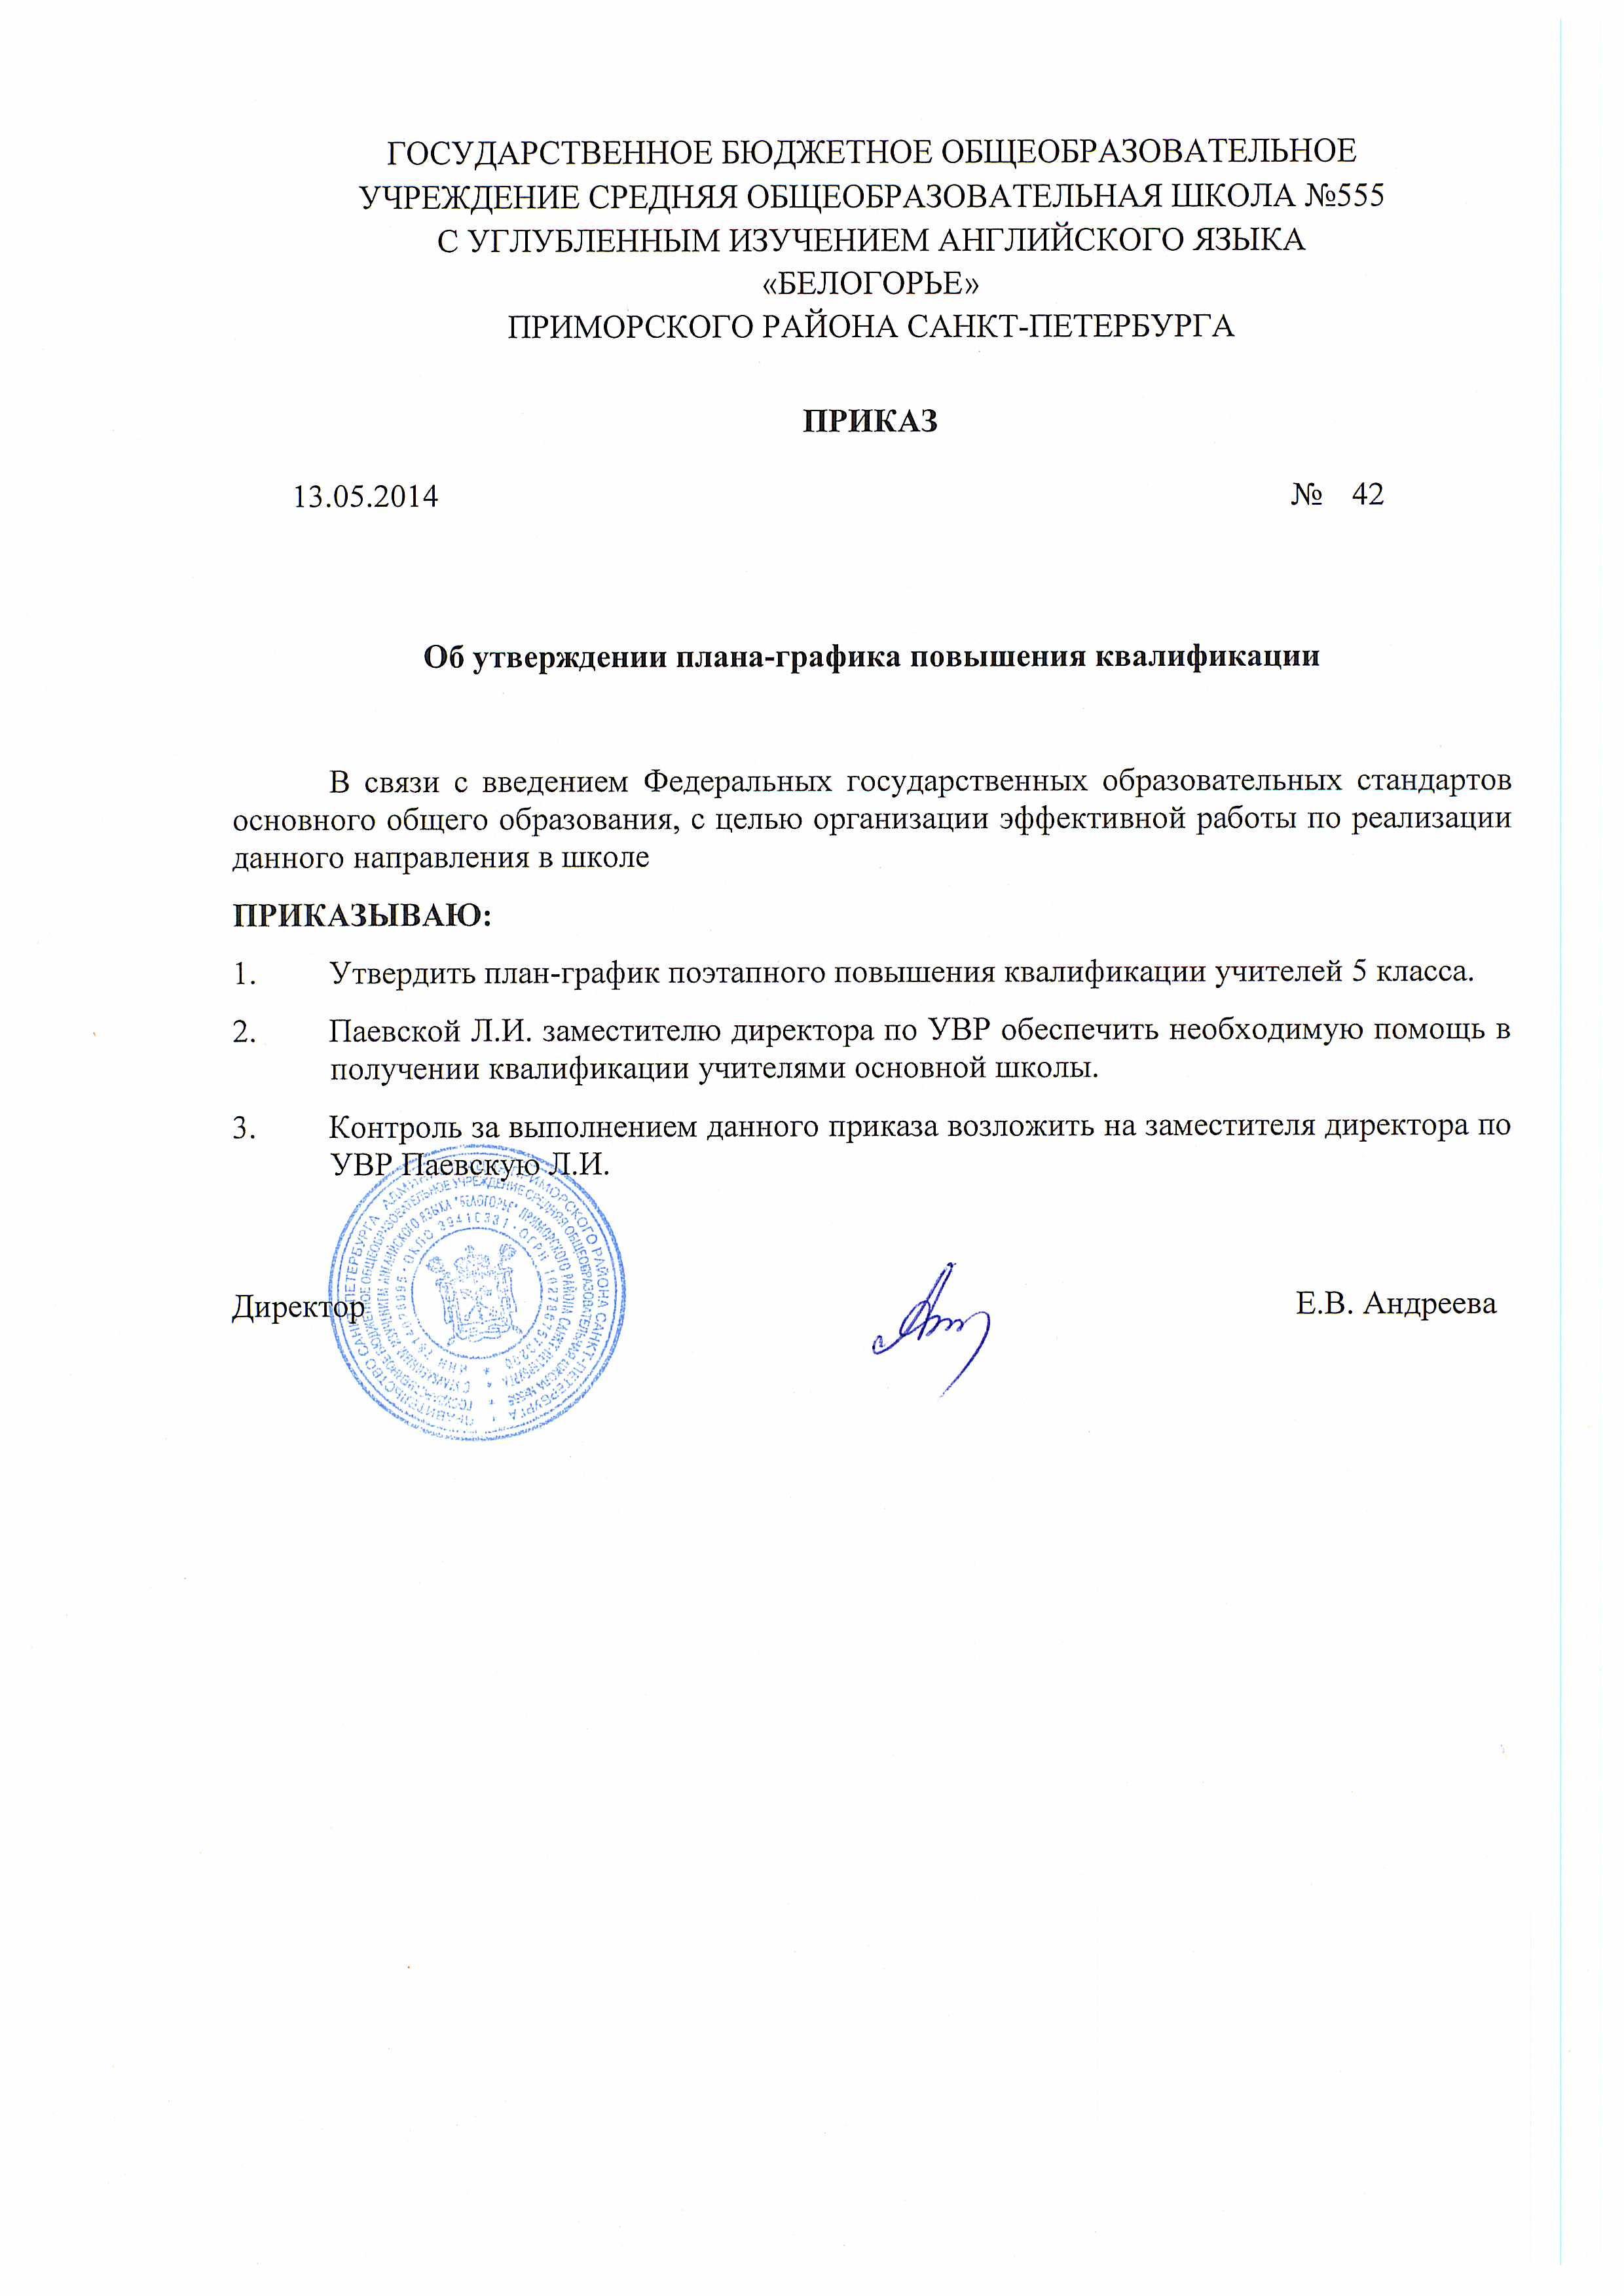 ГБОУ школа № Белогорье ФГОС Утверждение графика повышения квалификации